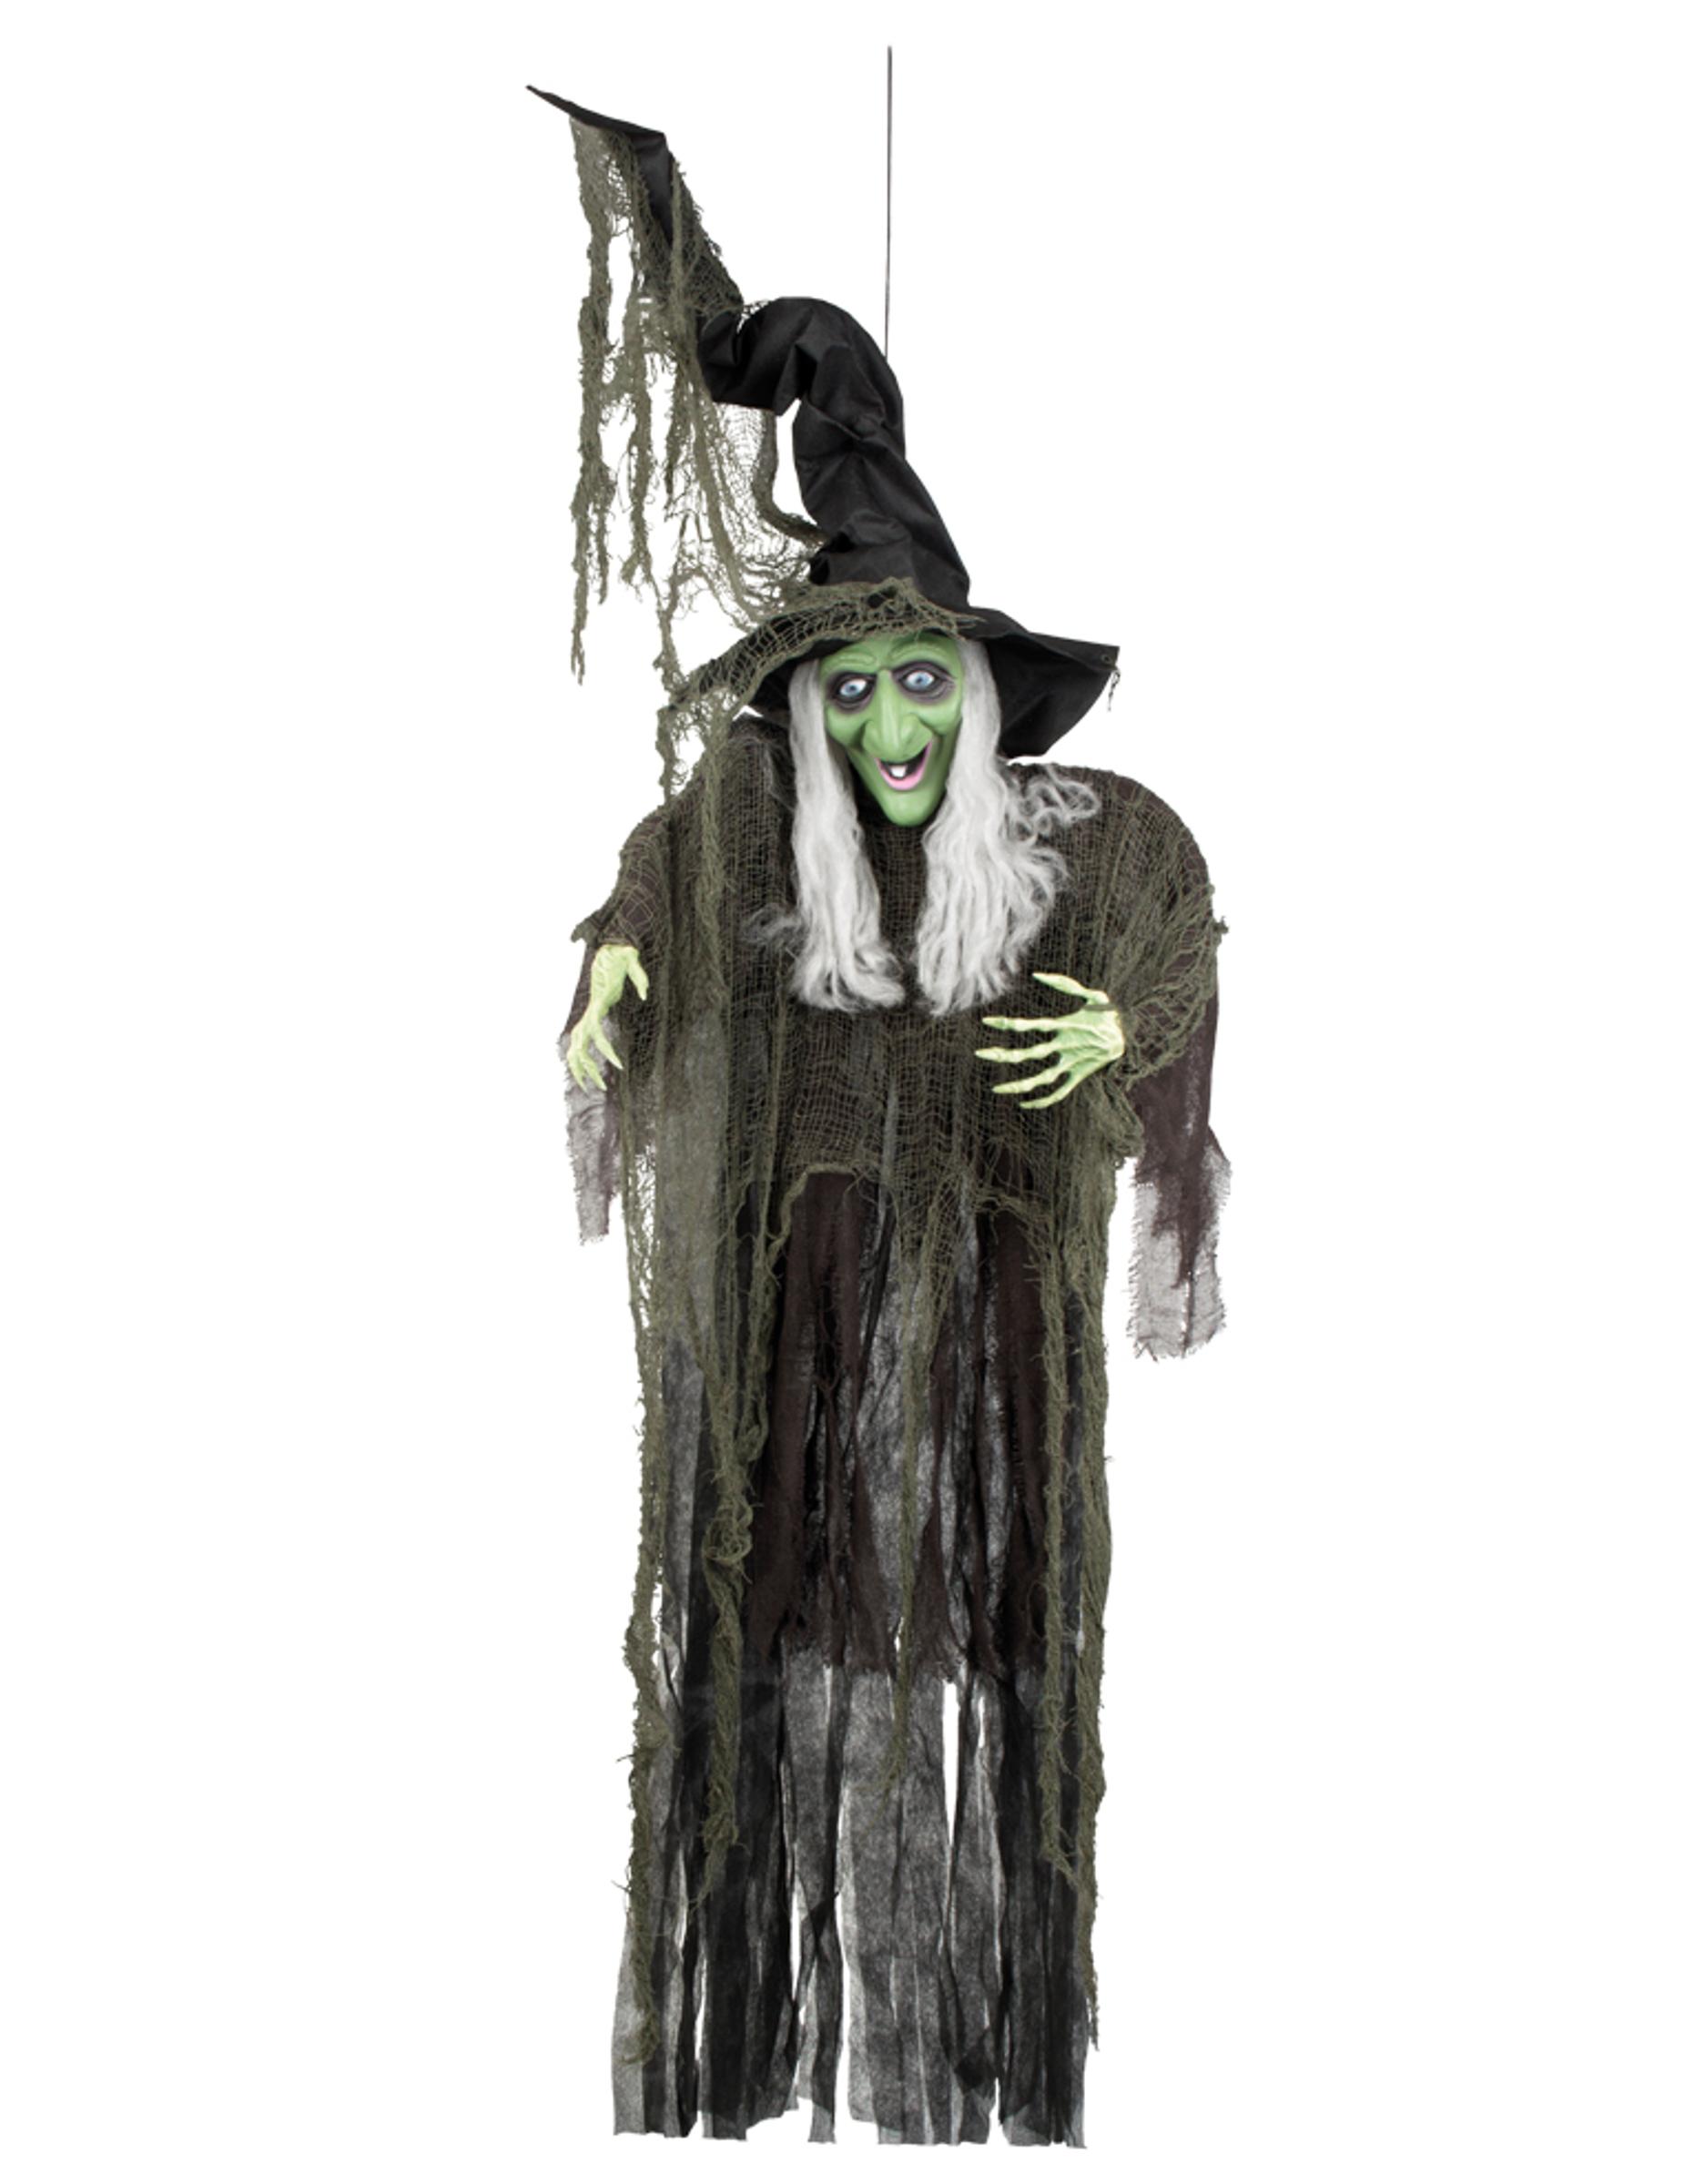 Celebrations Occasions Hexe Hangedekoration Halloween Dekoration Horror Grusel Mc Chiropratica It